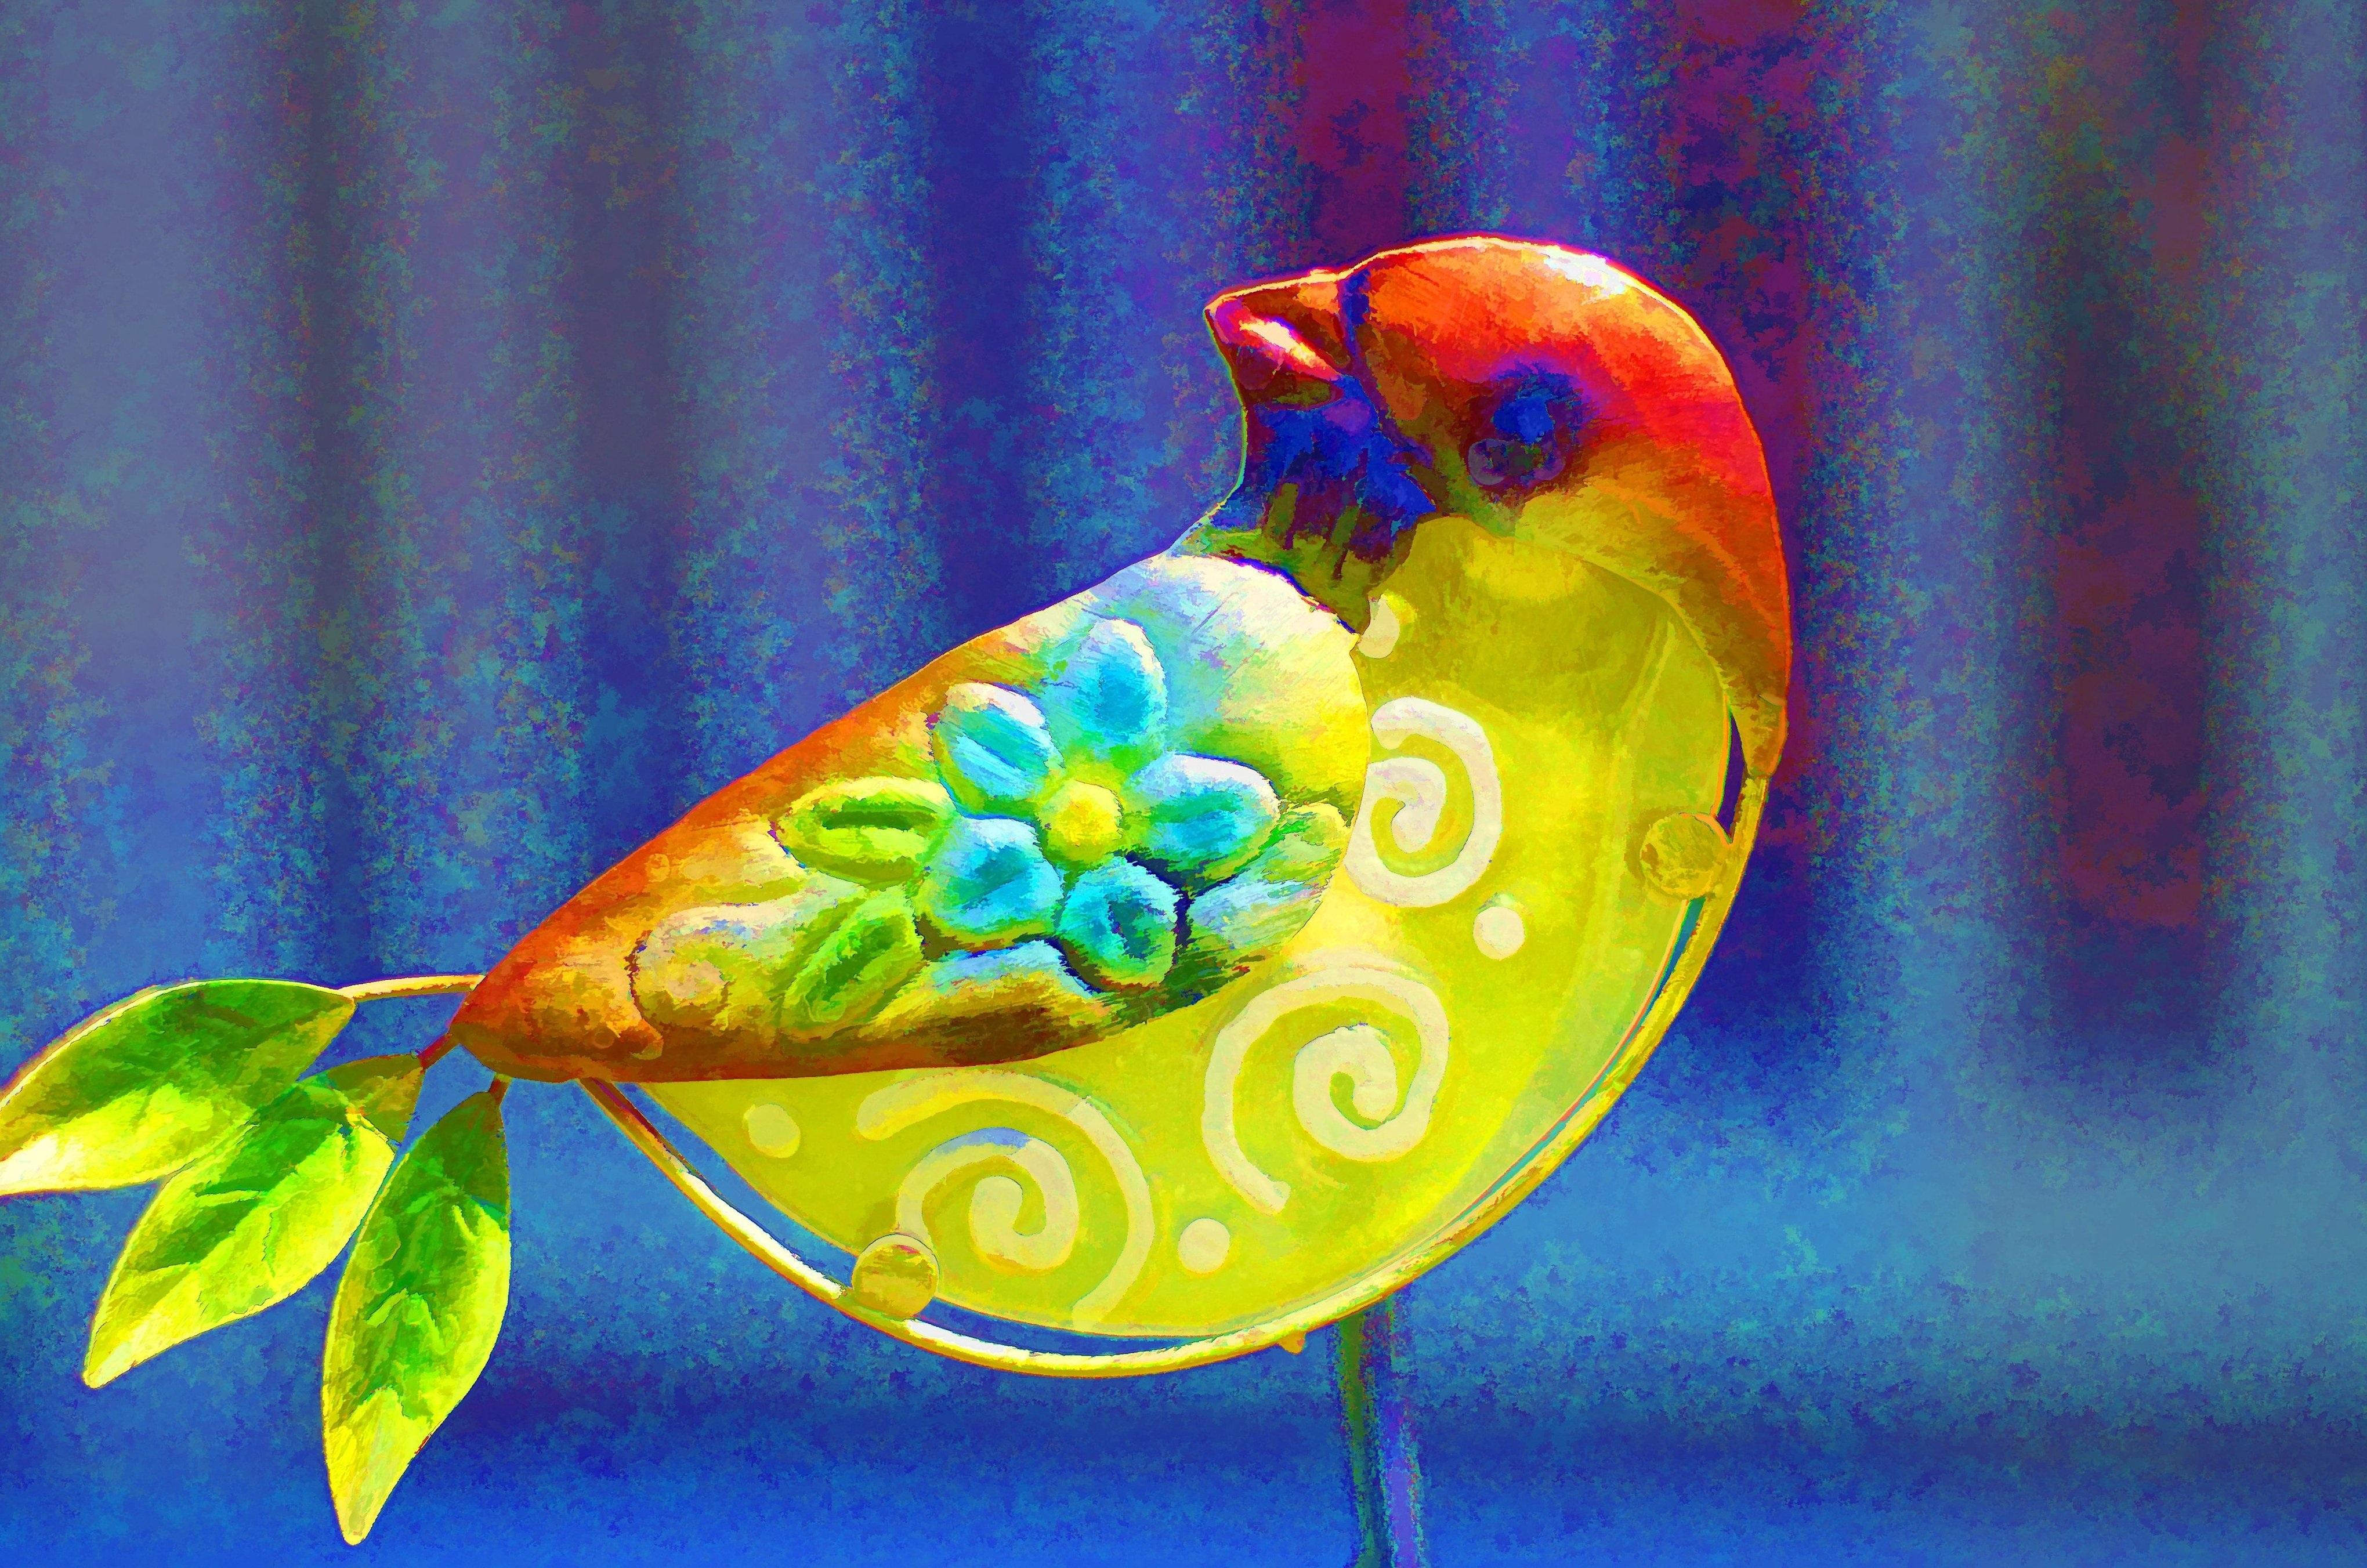 80 Gambar Lukisan Hewan Peliharaan Gratis Terbaru